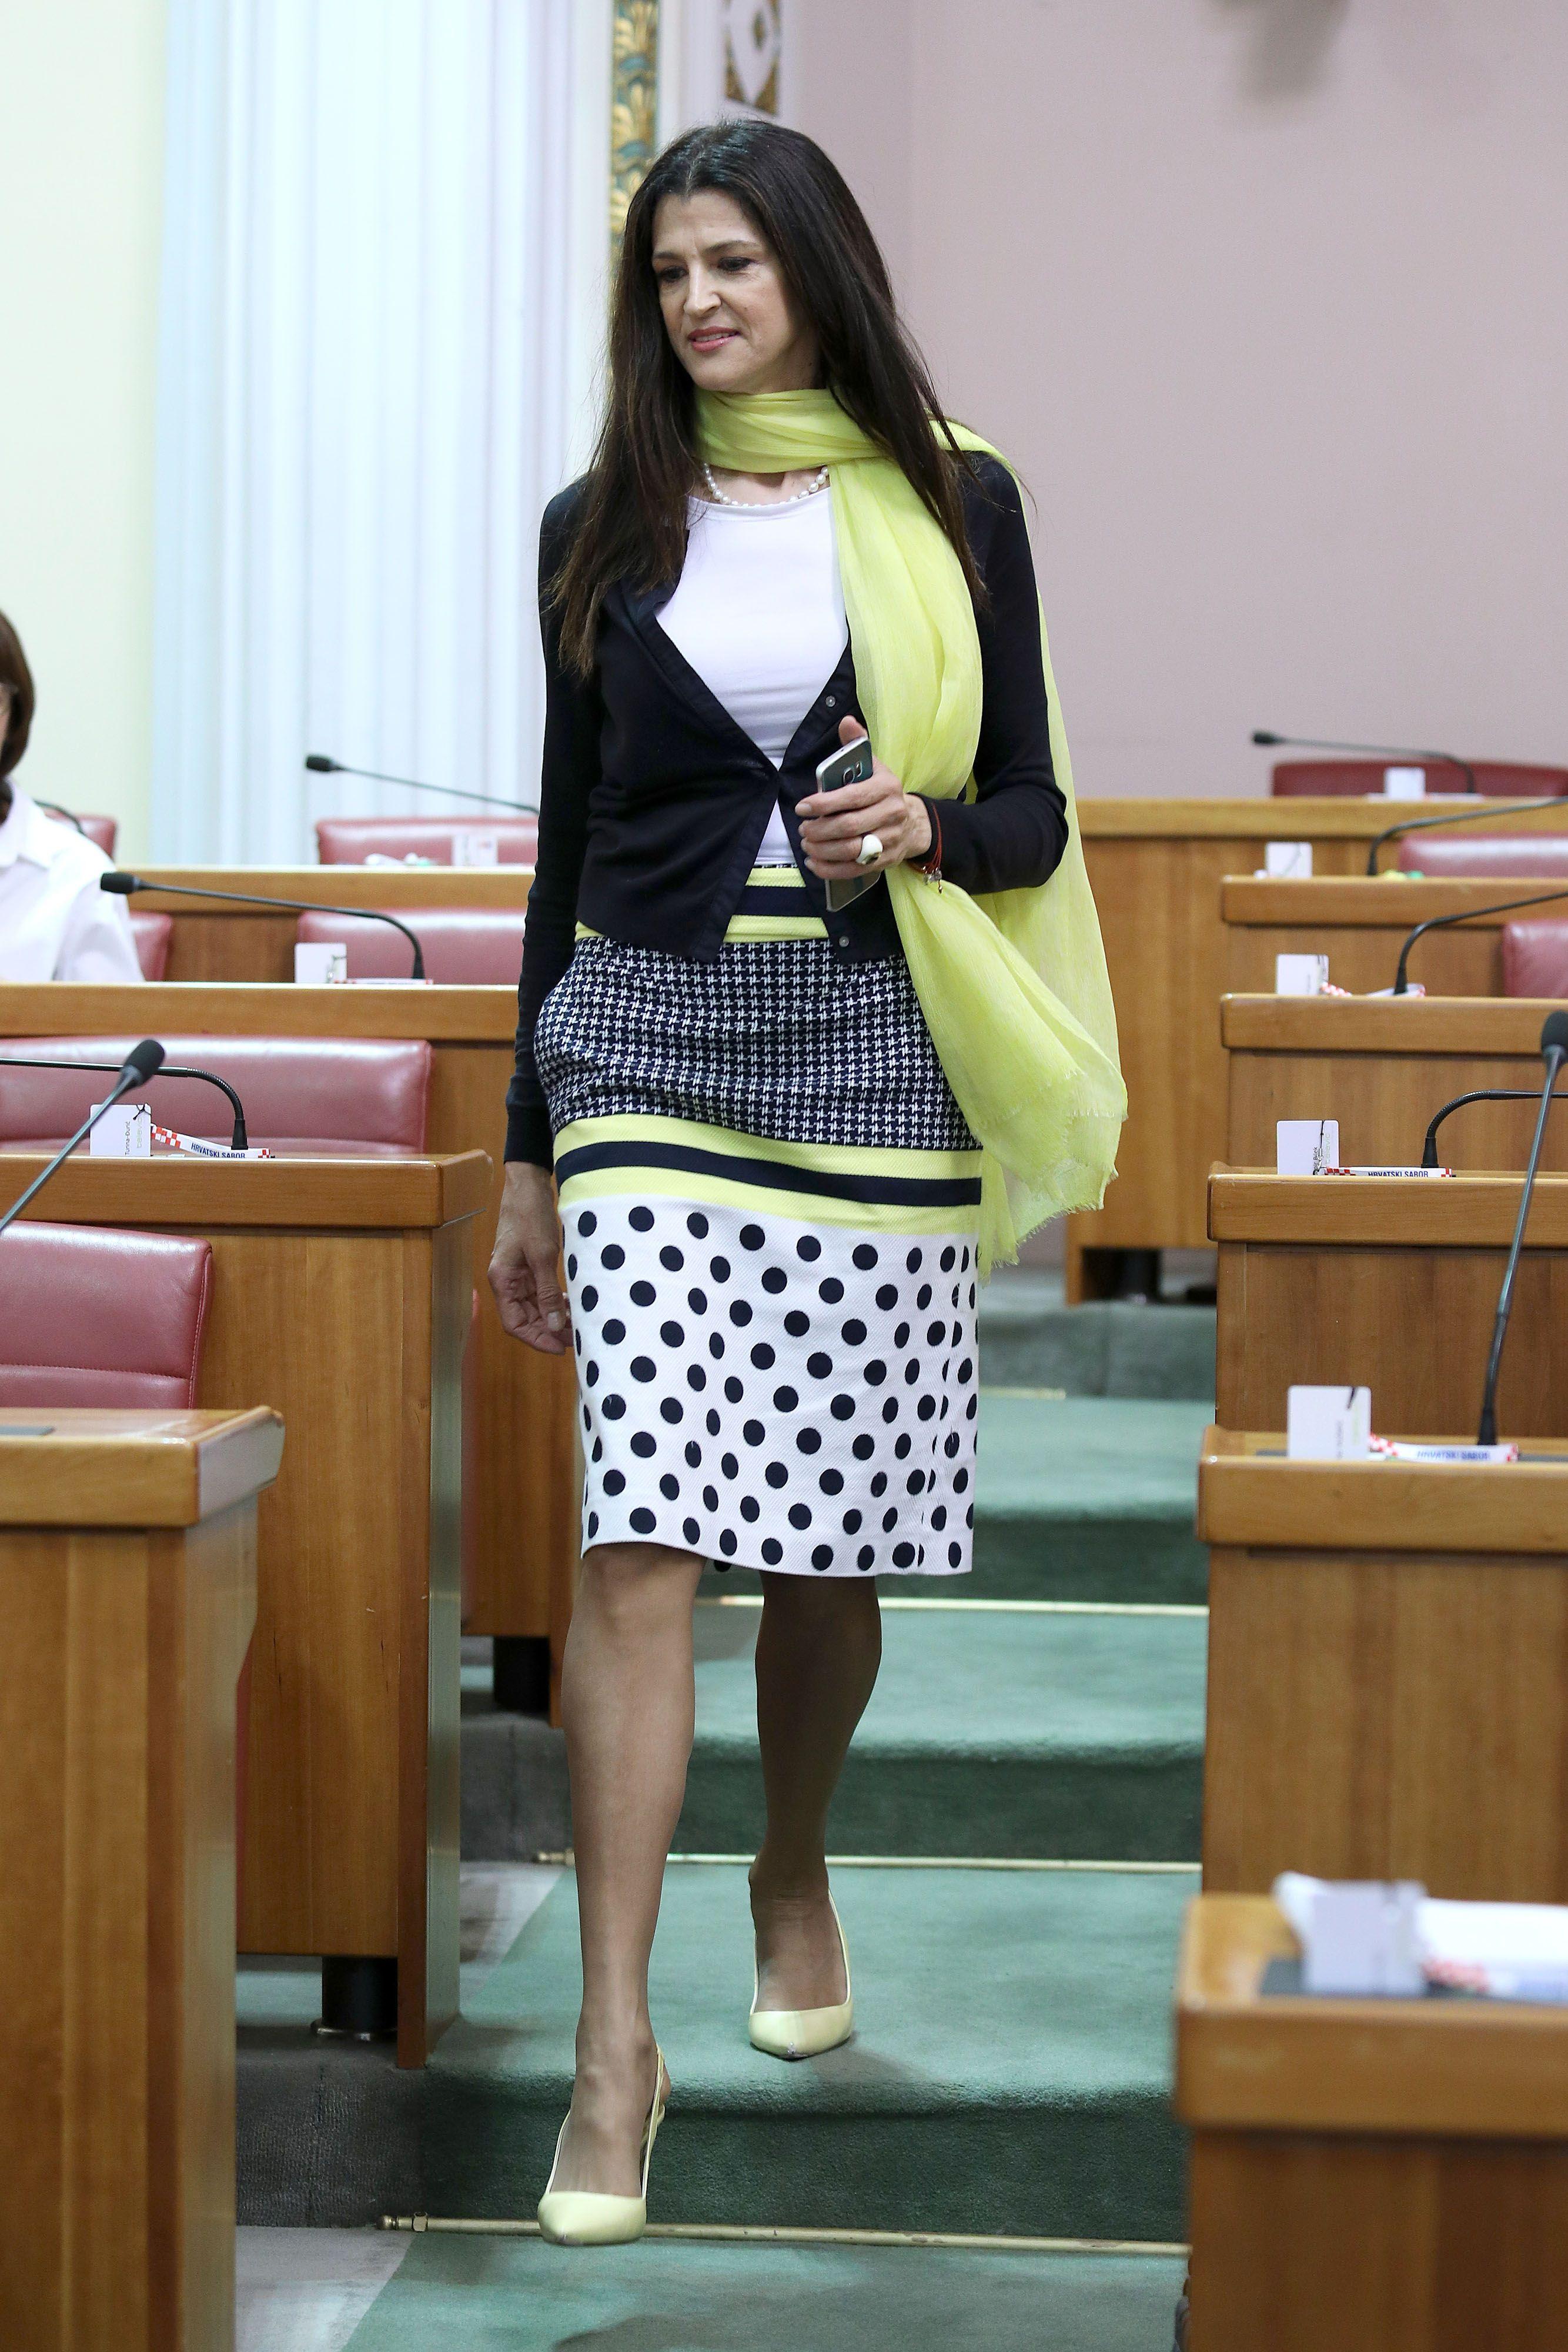 Zastupnica Romana Jerković isfurala je najneobičniji outfit koji smo do sad vidjeli u Saboru